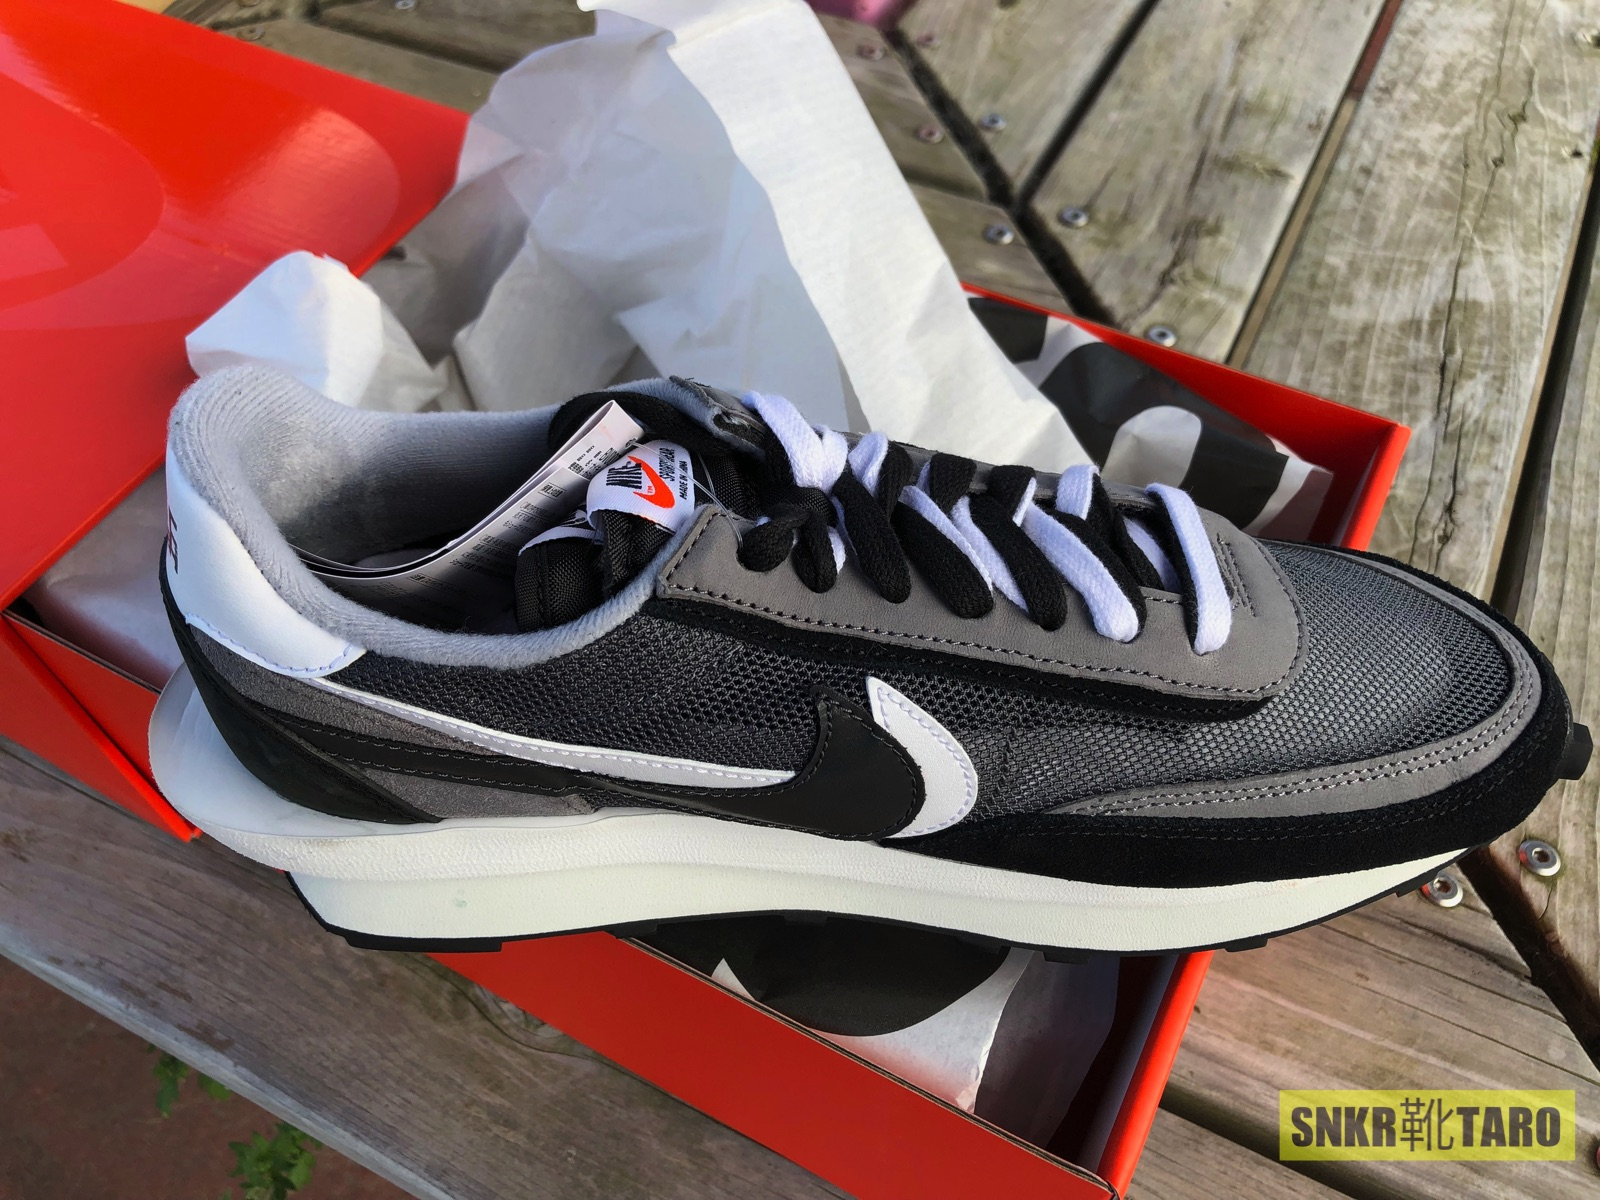 実物レビュー、Sacai x Nike LD Waffle Black